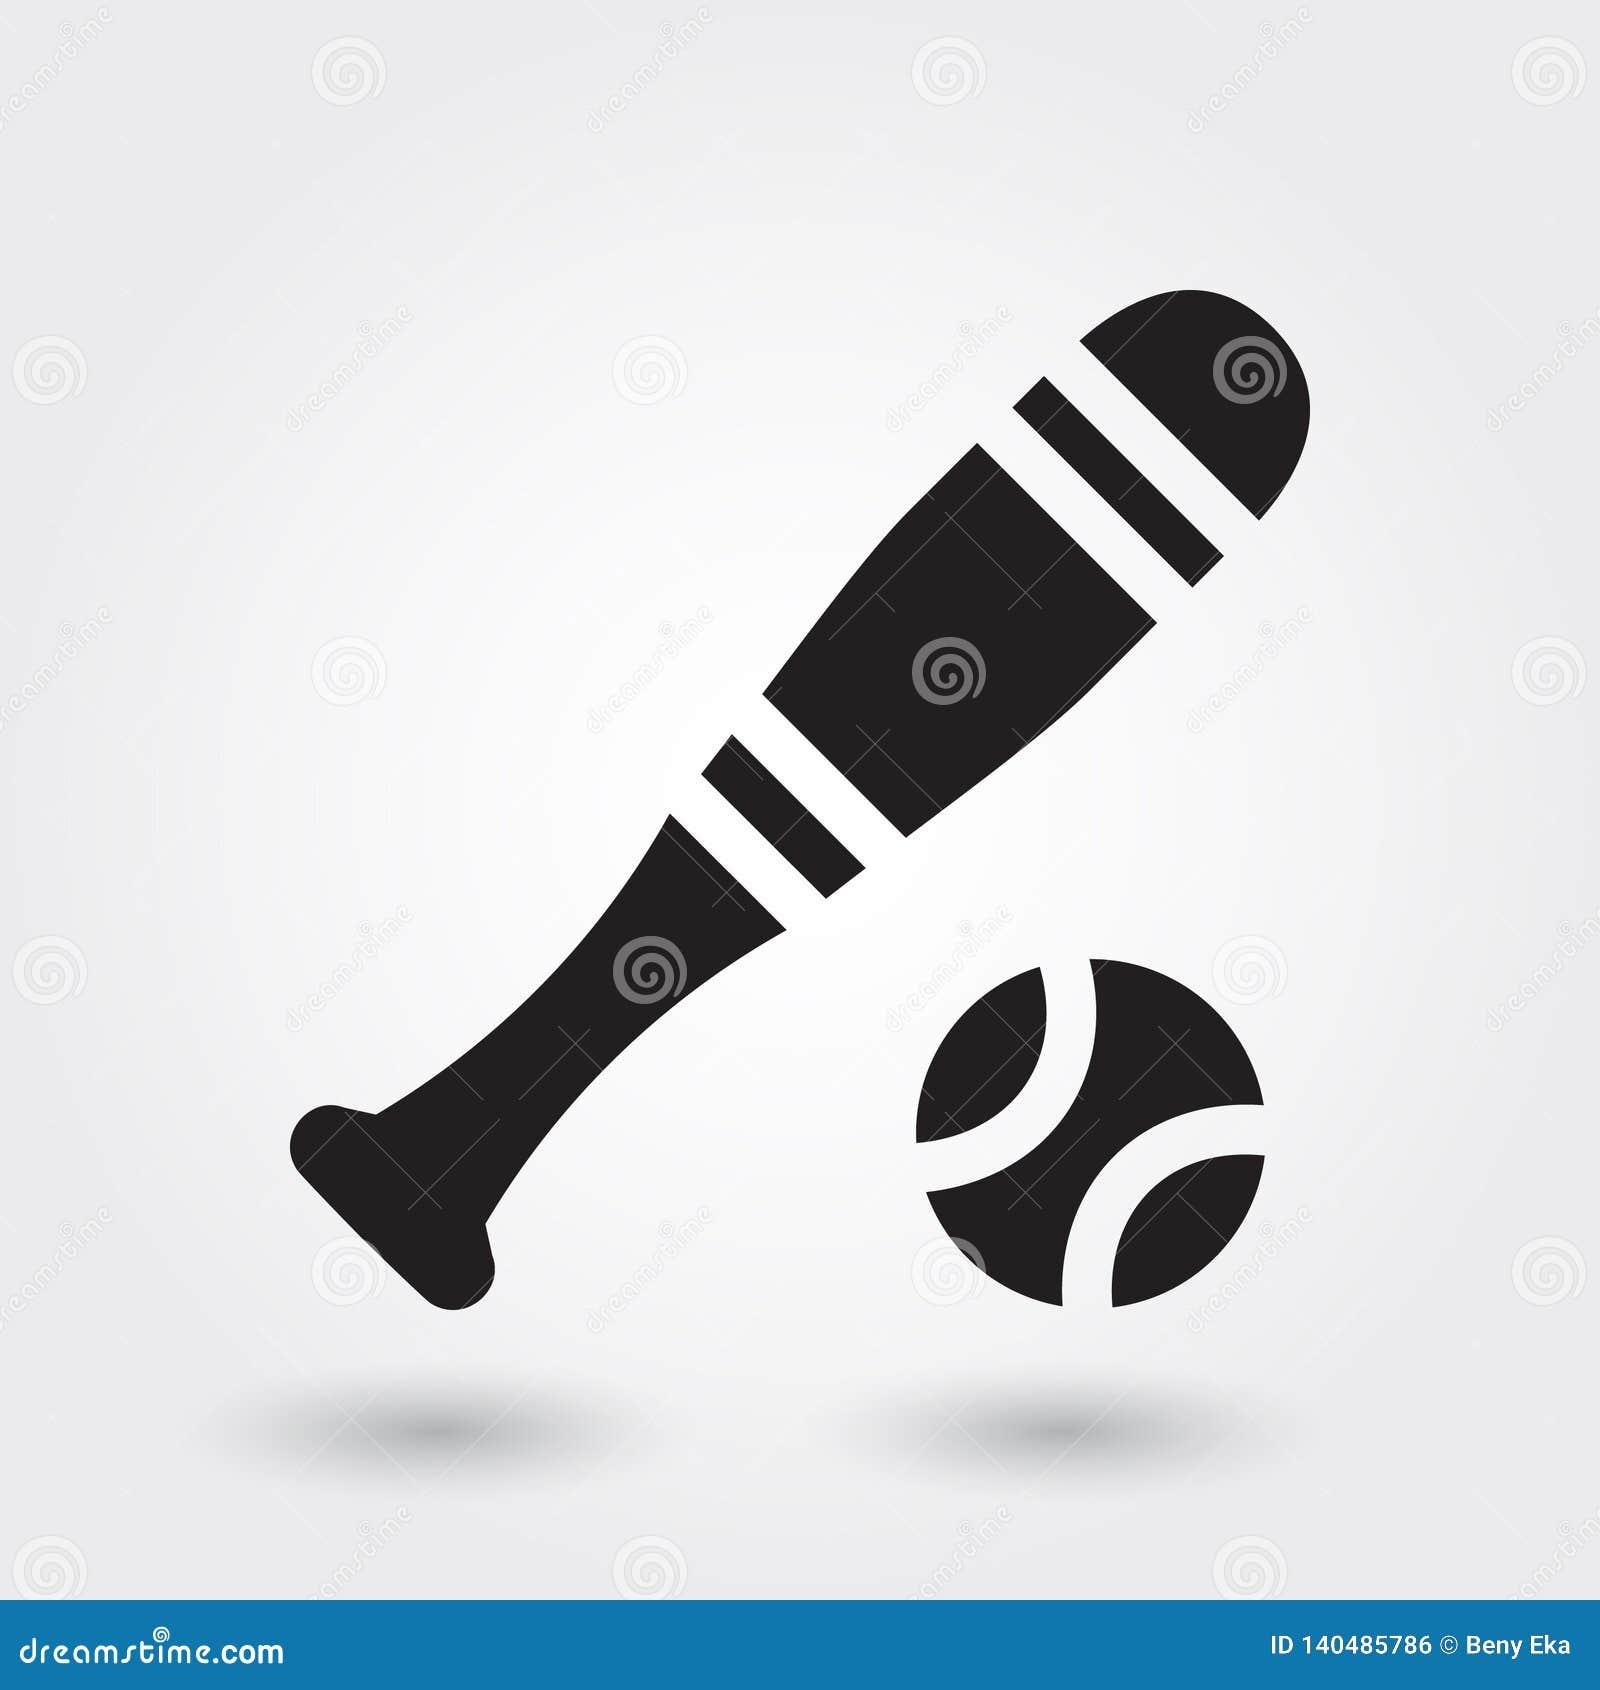 Icono del vector del deporte del béisbol, icono del palillo del béisbol, símbolo de los deportes Glyph moderno, simple